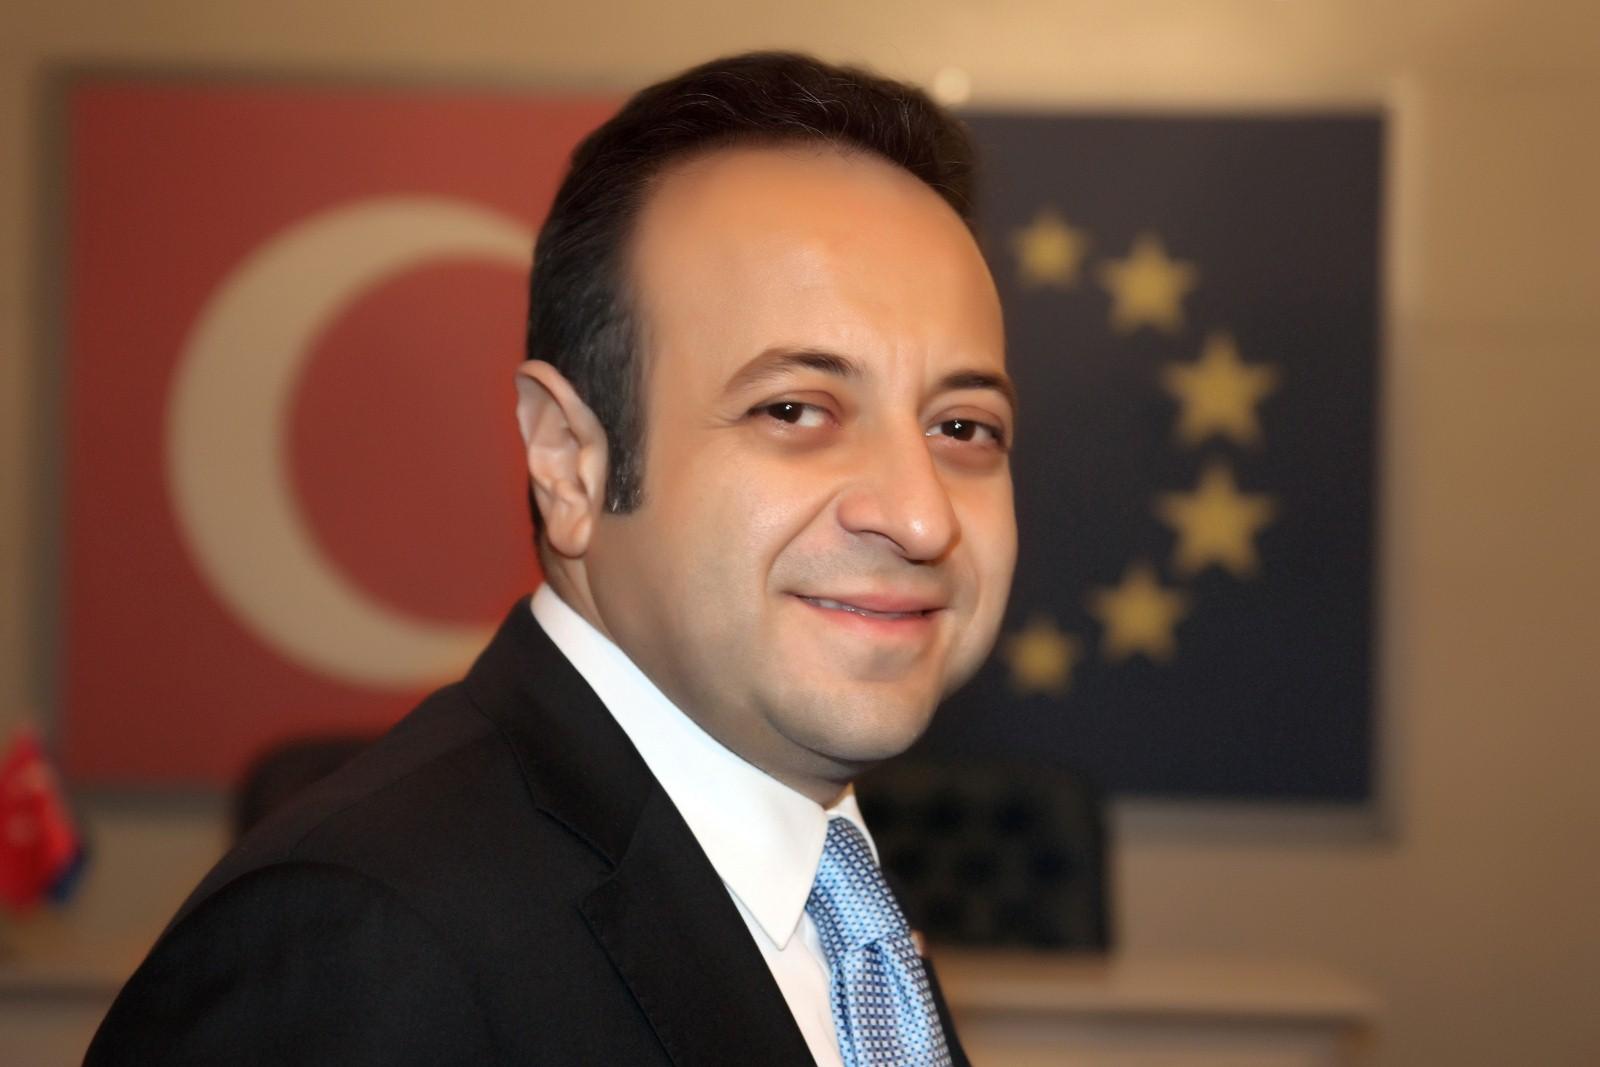 Egemen Bağış , eski bakan, milletvekili, siyasetçi tarihte bugün